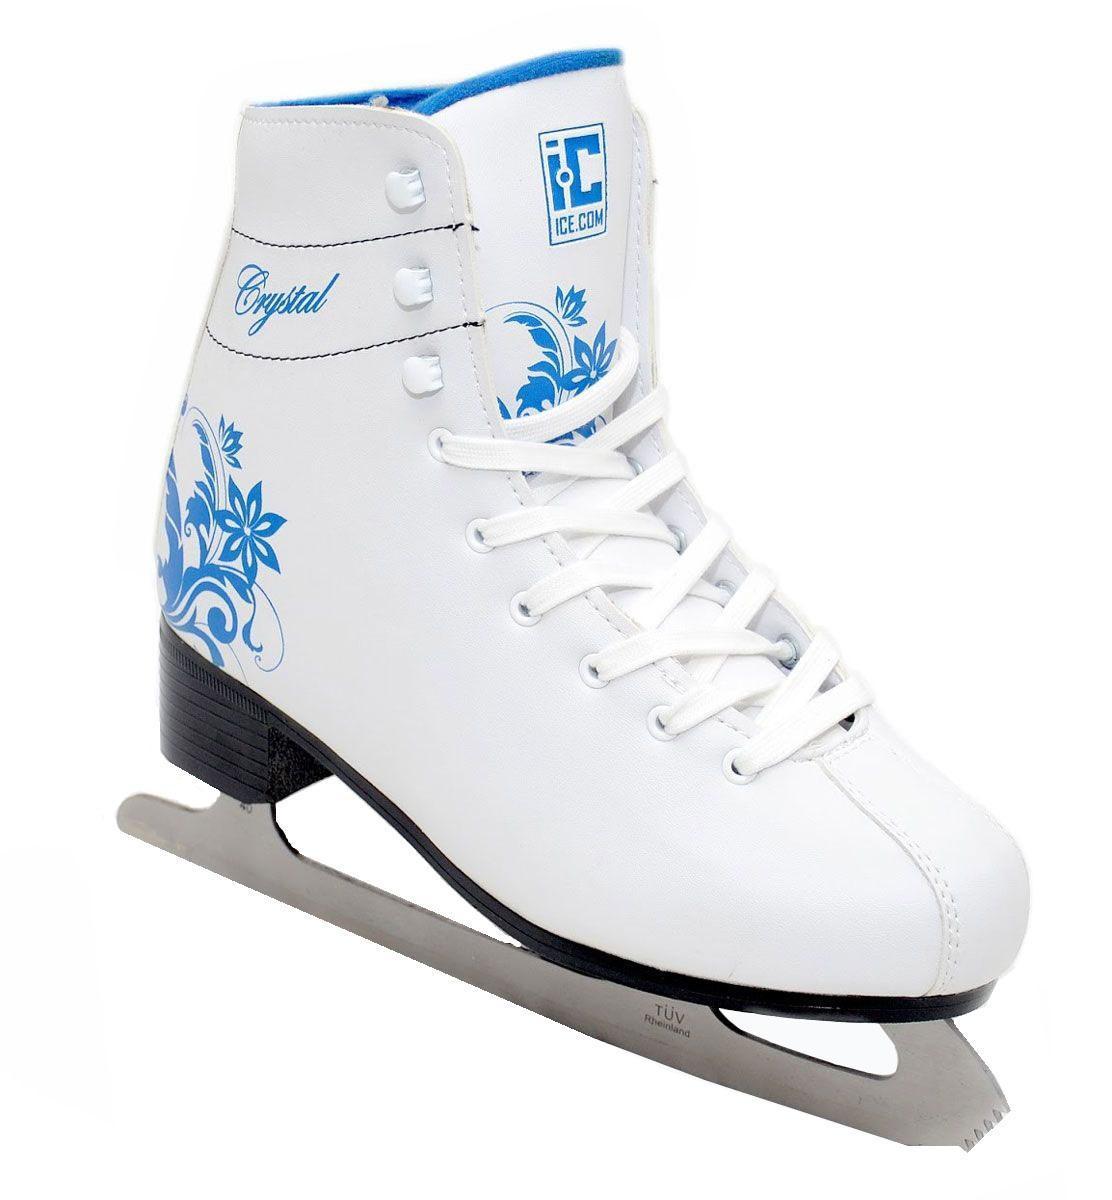 Ice.Com Crystal 2014-2015Ice.Com Crystal 2014-2015 White-BlueВысокий классический ботинок идеально подойдет для начинающих. Конструкция ботинка разработана специально с учетом того что нога при катании должна находиться в полусогнутом состоянии и голень имеет небольшой наклон вперед. Верх ботинка выполнен из морозостойкой искусственной кожи, подошва - морозостойкий ПВХ. Стальное никелированное высокопрочное лезвие, сертифицировано TUV. Для того, чтобы Вам максимально точно подобрать размер коньков, узнайте длину стопы с точностью до миллиметра. Для этого поставьте босую ногу на лист бумаги А4 и отметьте на бумаге самые крайние точки Вашей стопы (пятка и носок). Затем измерьте обычной линейкой расстояние (до миллиметра) между этими отметками на бумаге. Не забудьте учесть 2-3 мм запаса под носок.